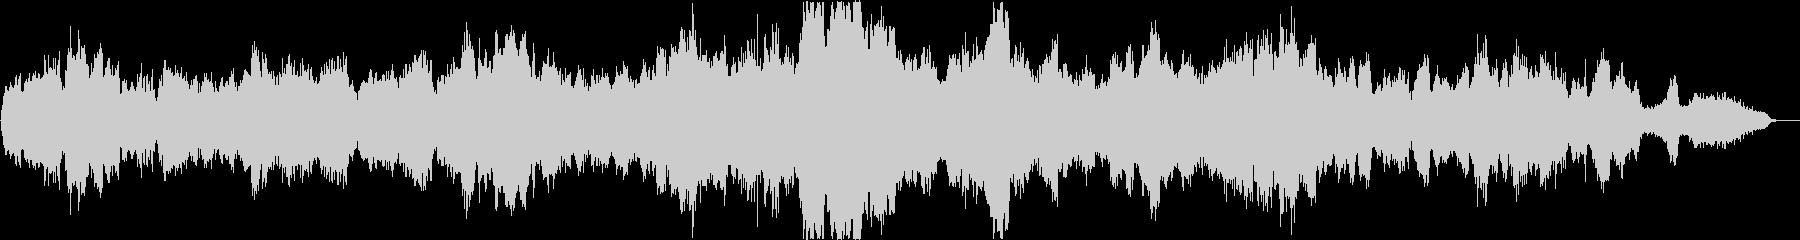 バッハ平均律クラヴィーア曲集_カルテットの未再生の波形